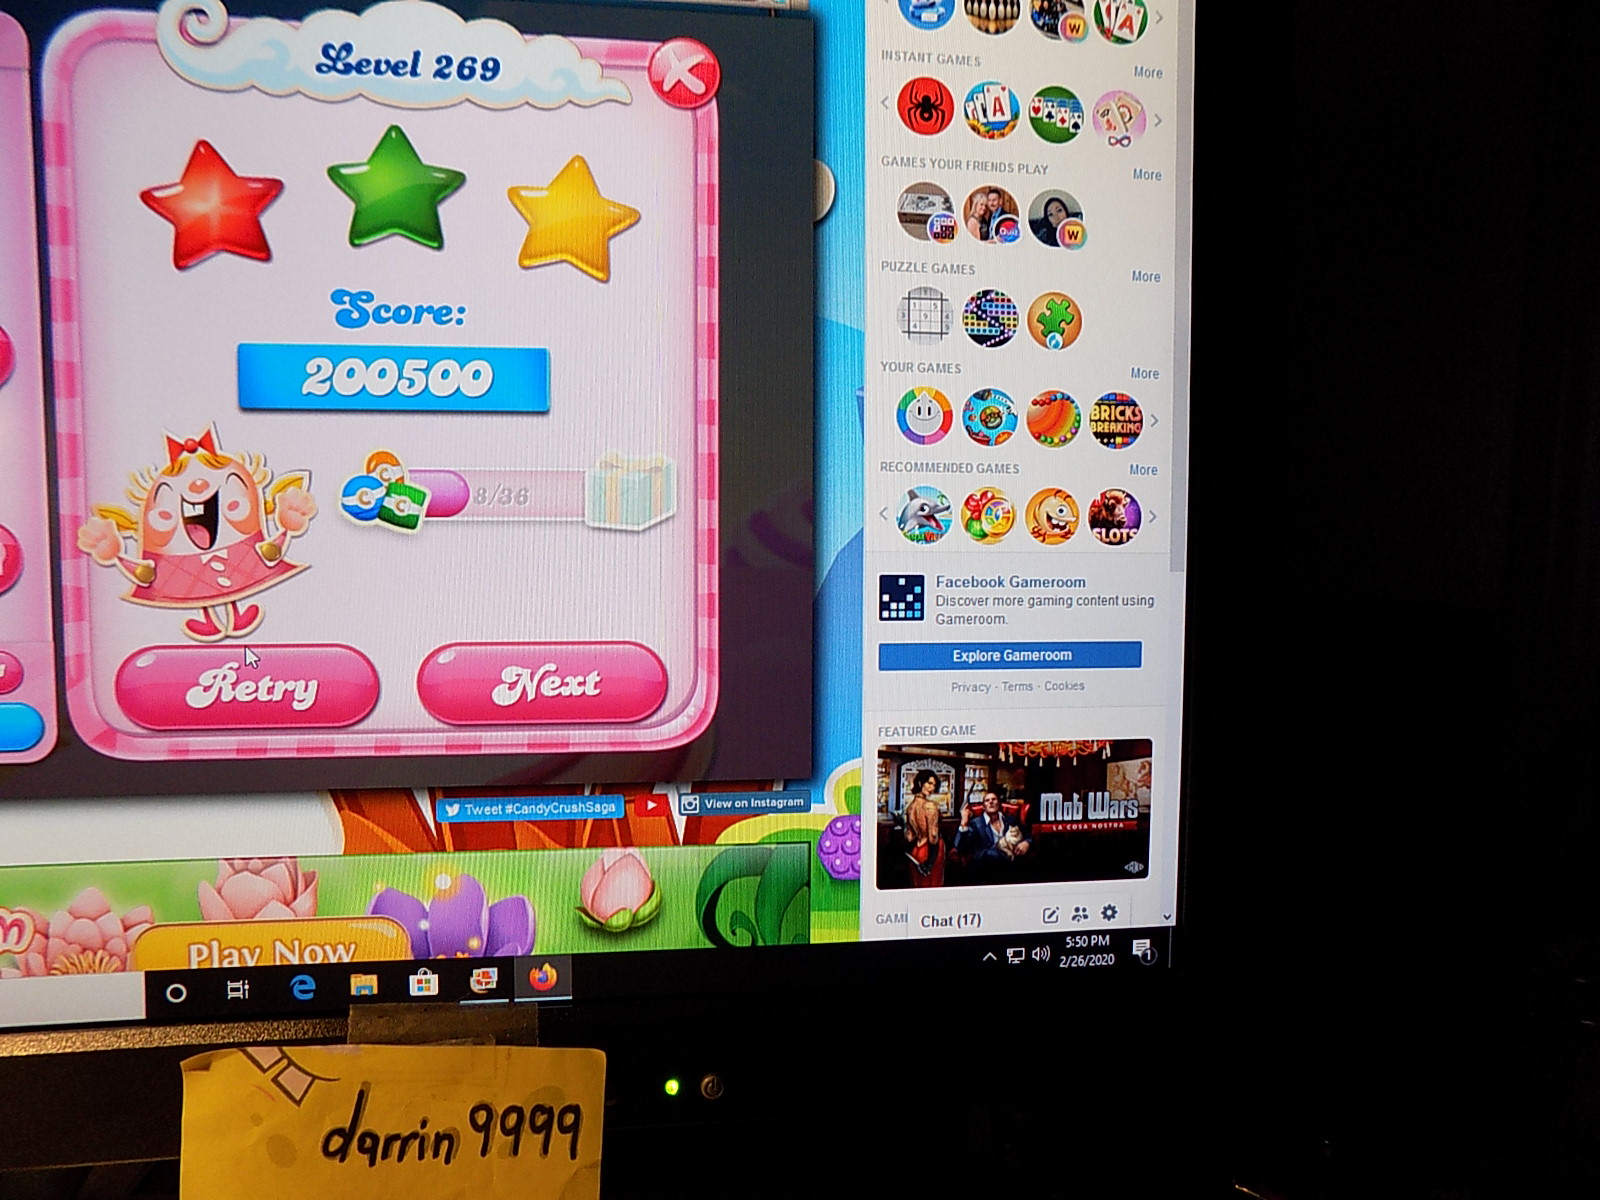 darrin9999: Candy Crush Saga: Level 269 (Web) 200,500 points on 2020-03-08 07:21:10